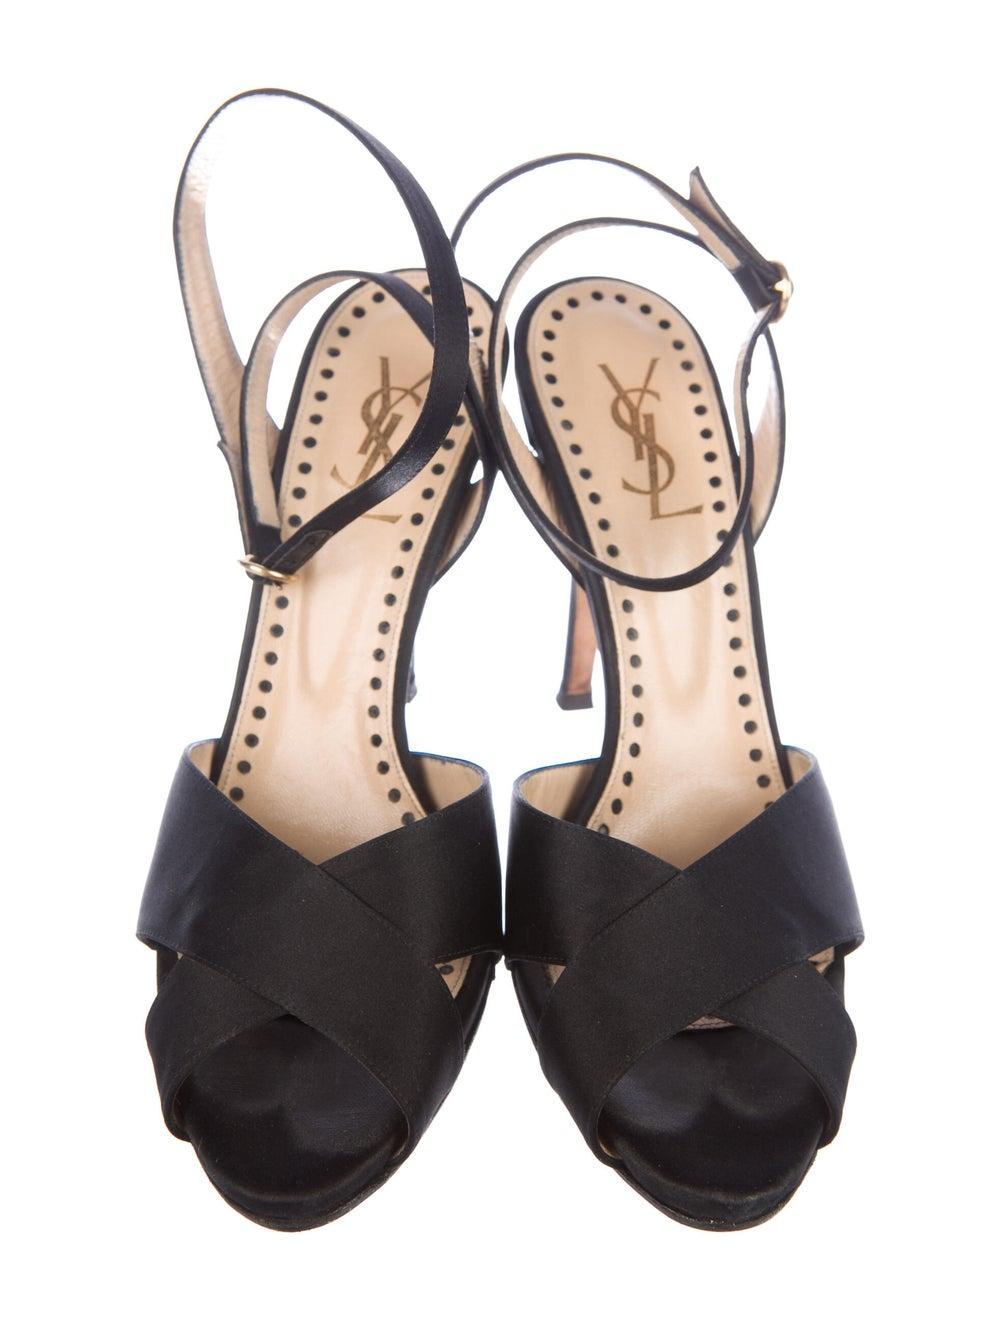 Yves Saint Laurent Rive Gauche Sandals Black - image 3